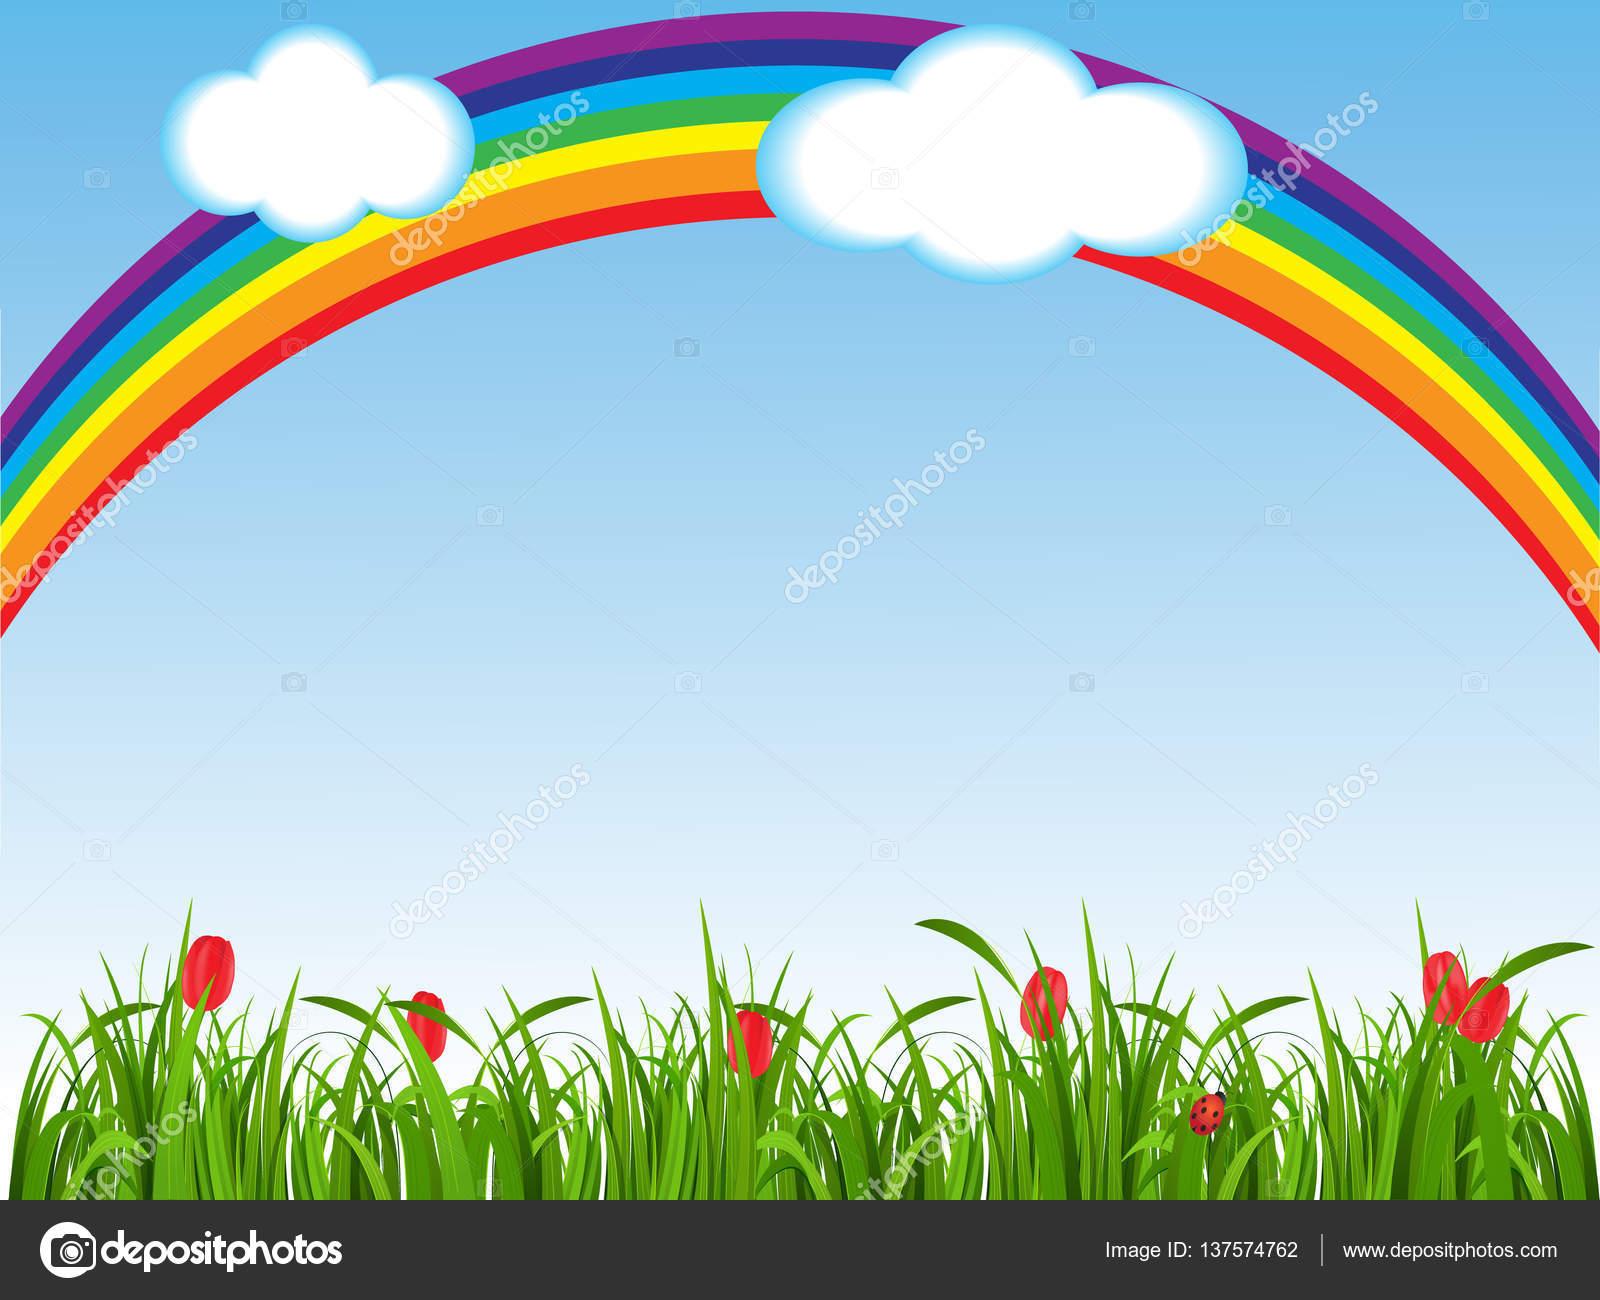 Fondo Primavera: Fondo De Primavera Con Un Verde Césped, Flores Y Un Arco